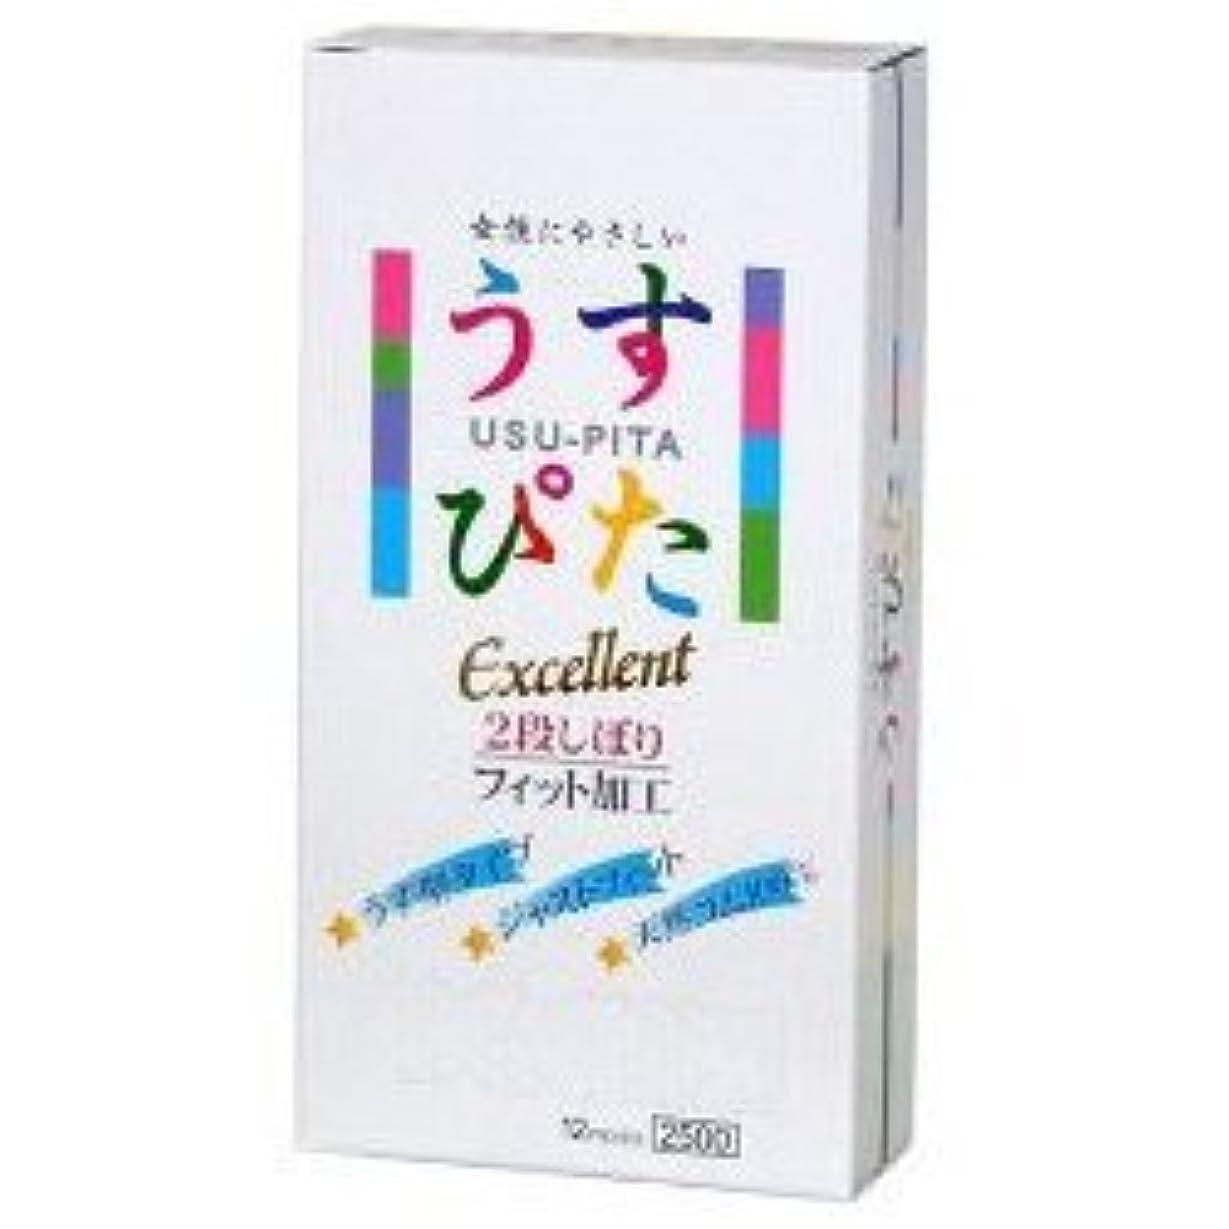 【ジャパンメディカル】うすぴた2500 12個入り ×5個セット